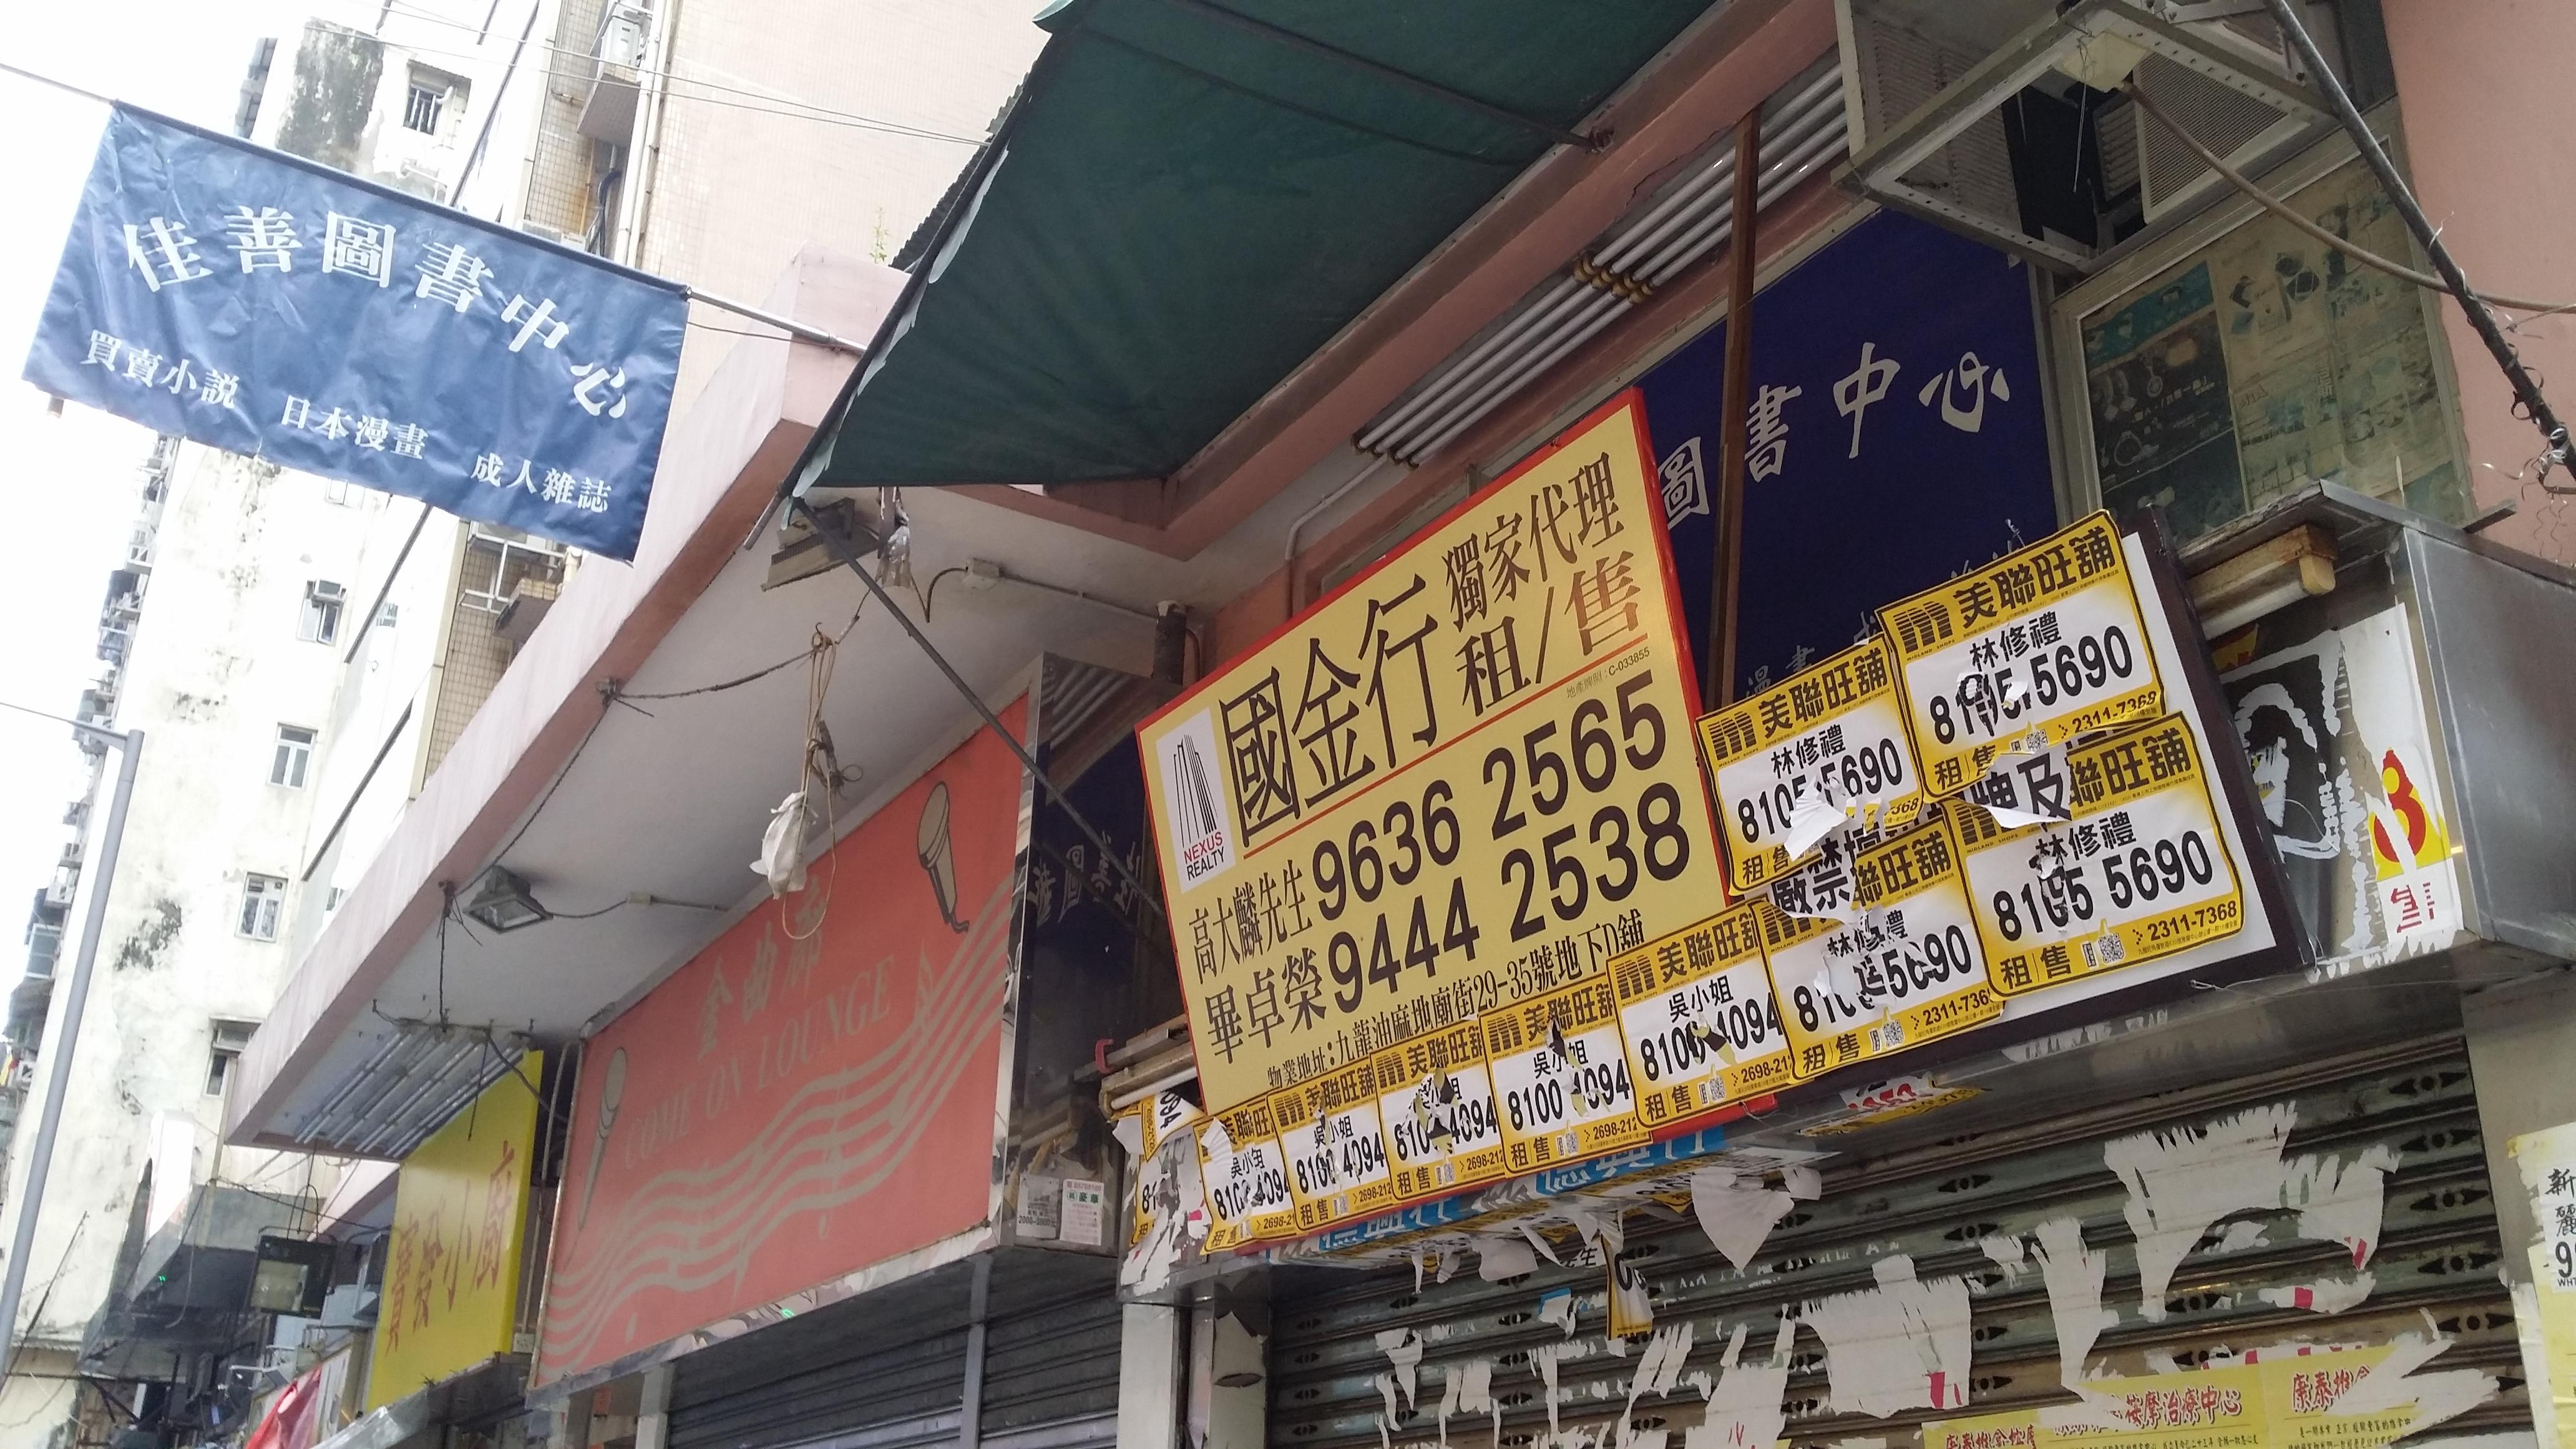 香港二手書店情報:佳善圖書中心結業 – 愛書.知醫 Addicted to books and Chinese Medicine